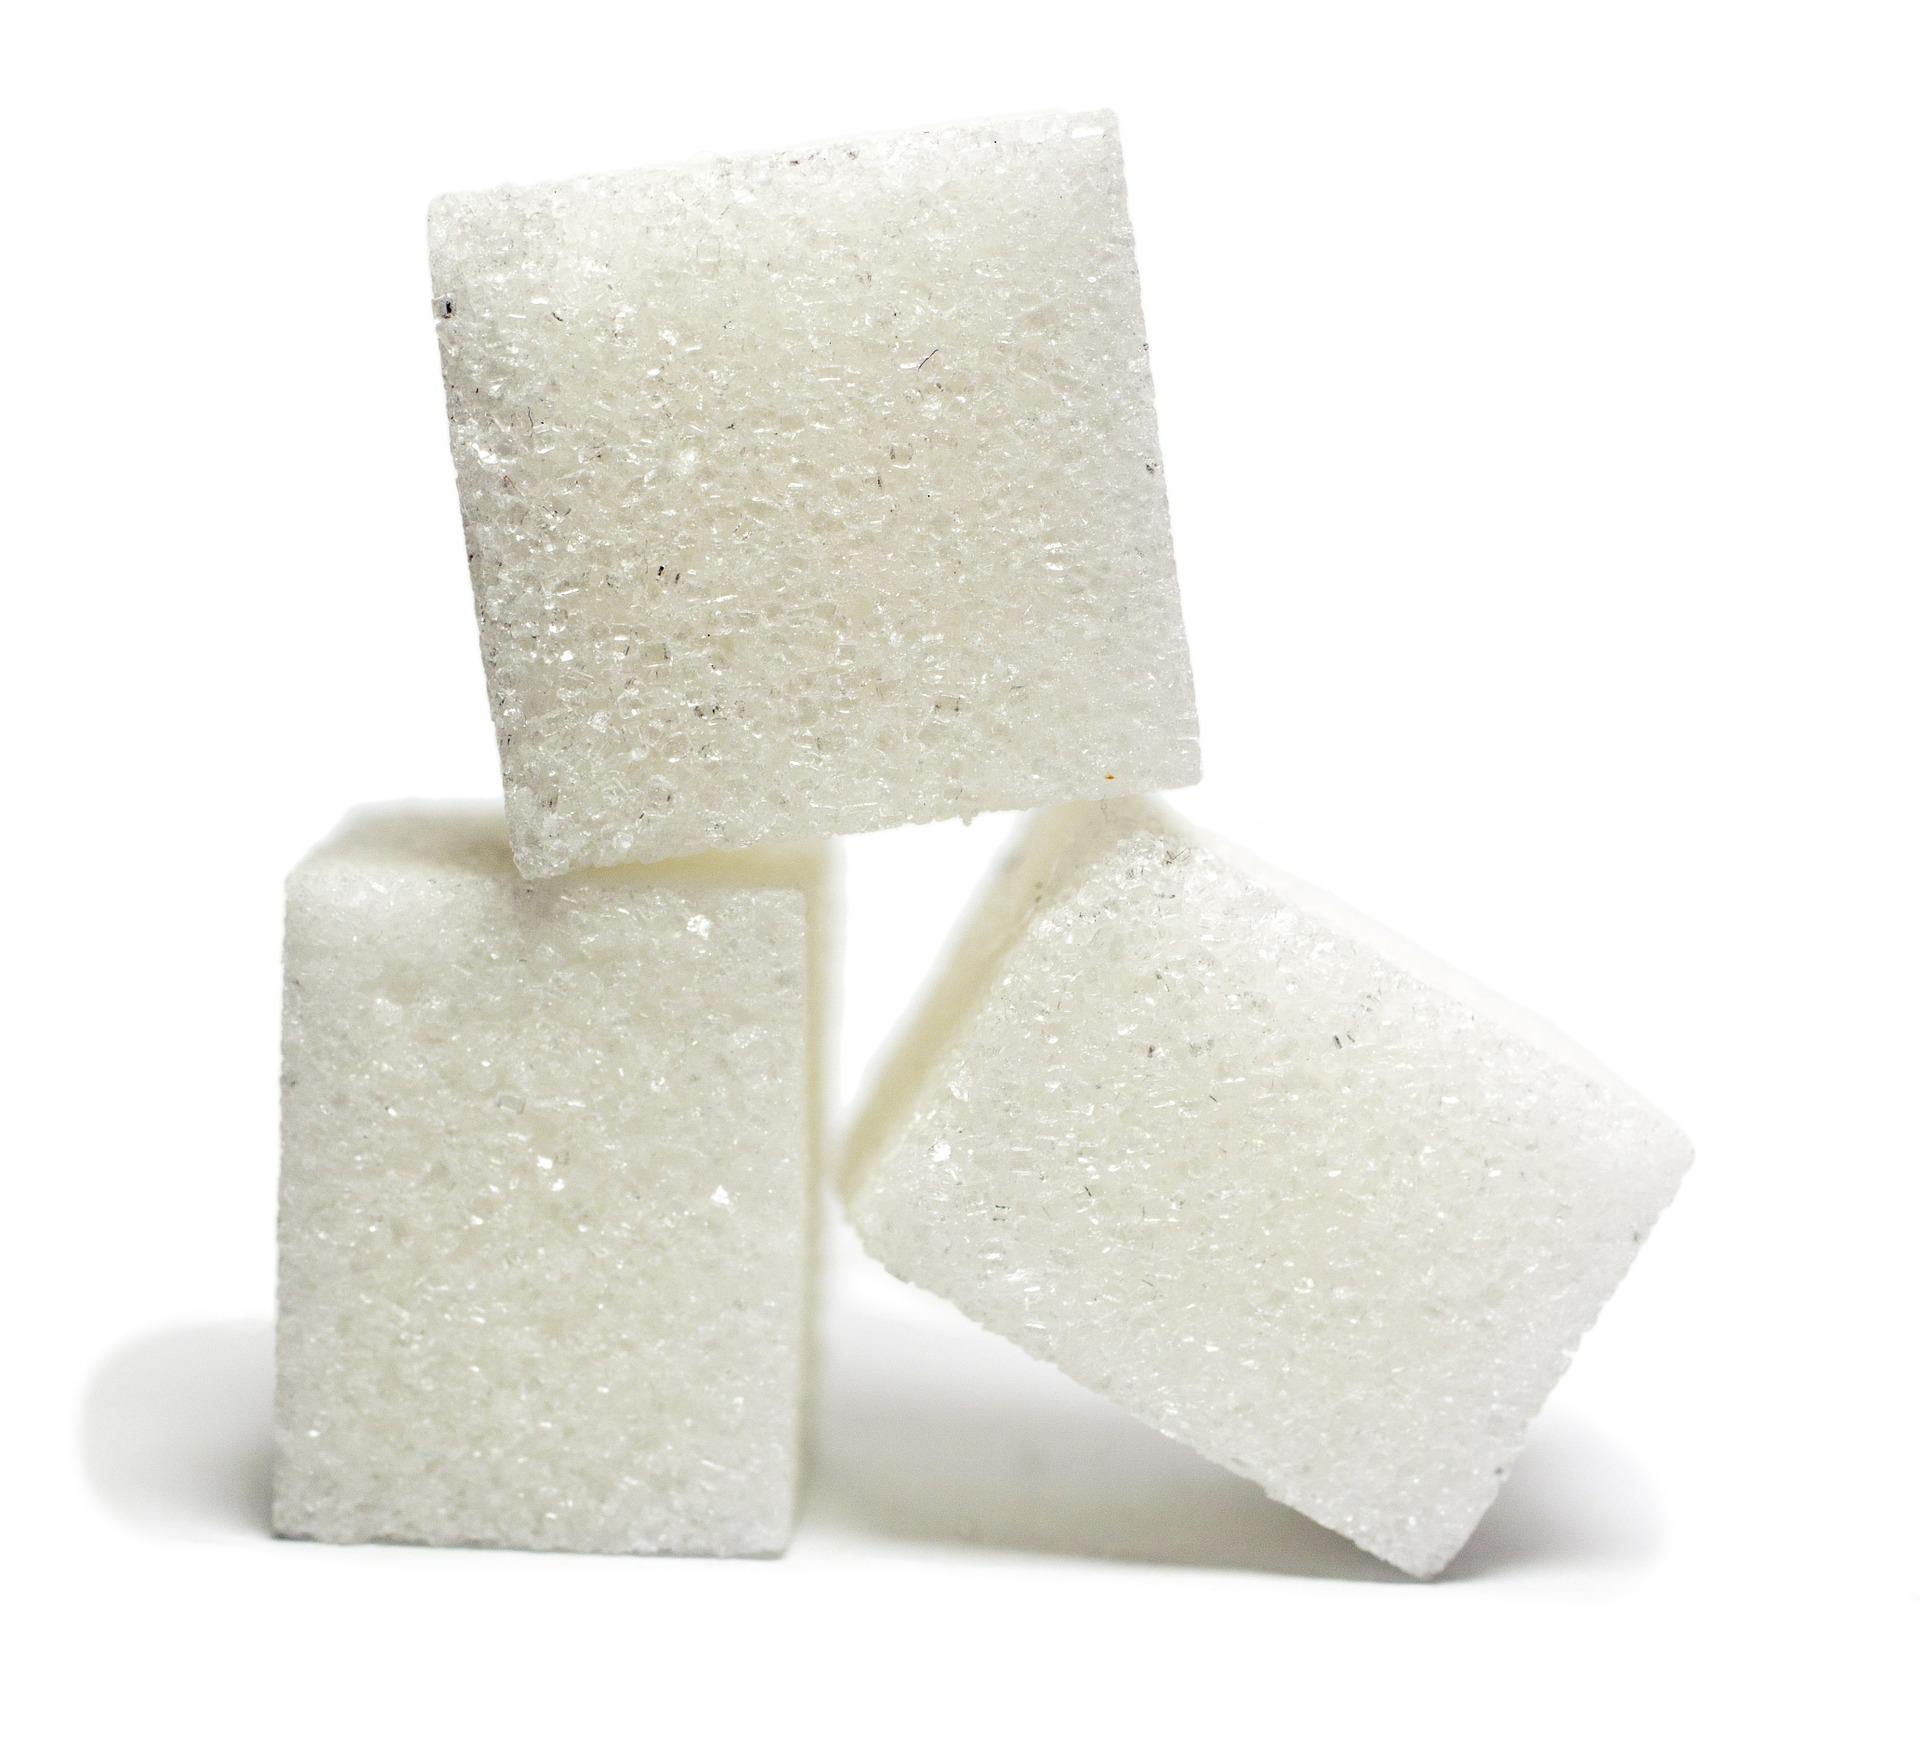 Cukier tańszy niż przed rokiem